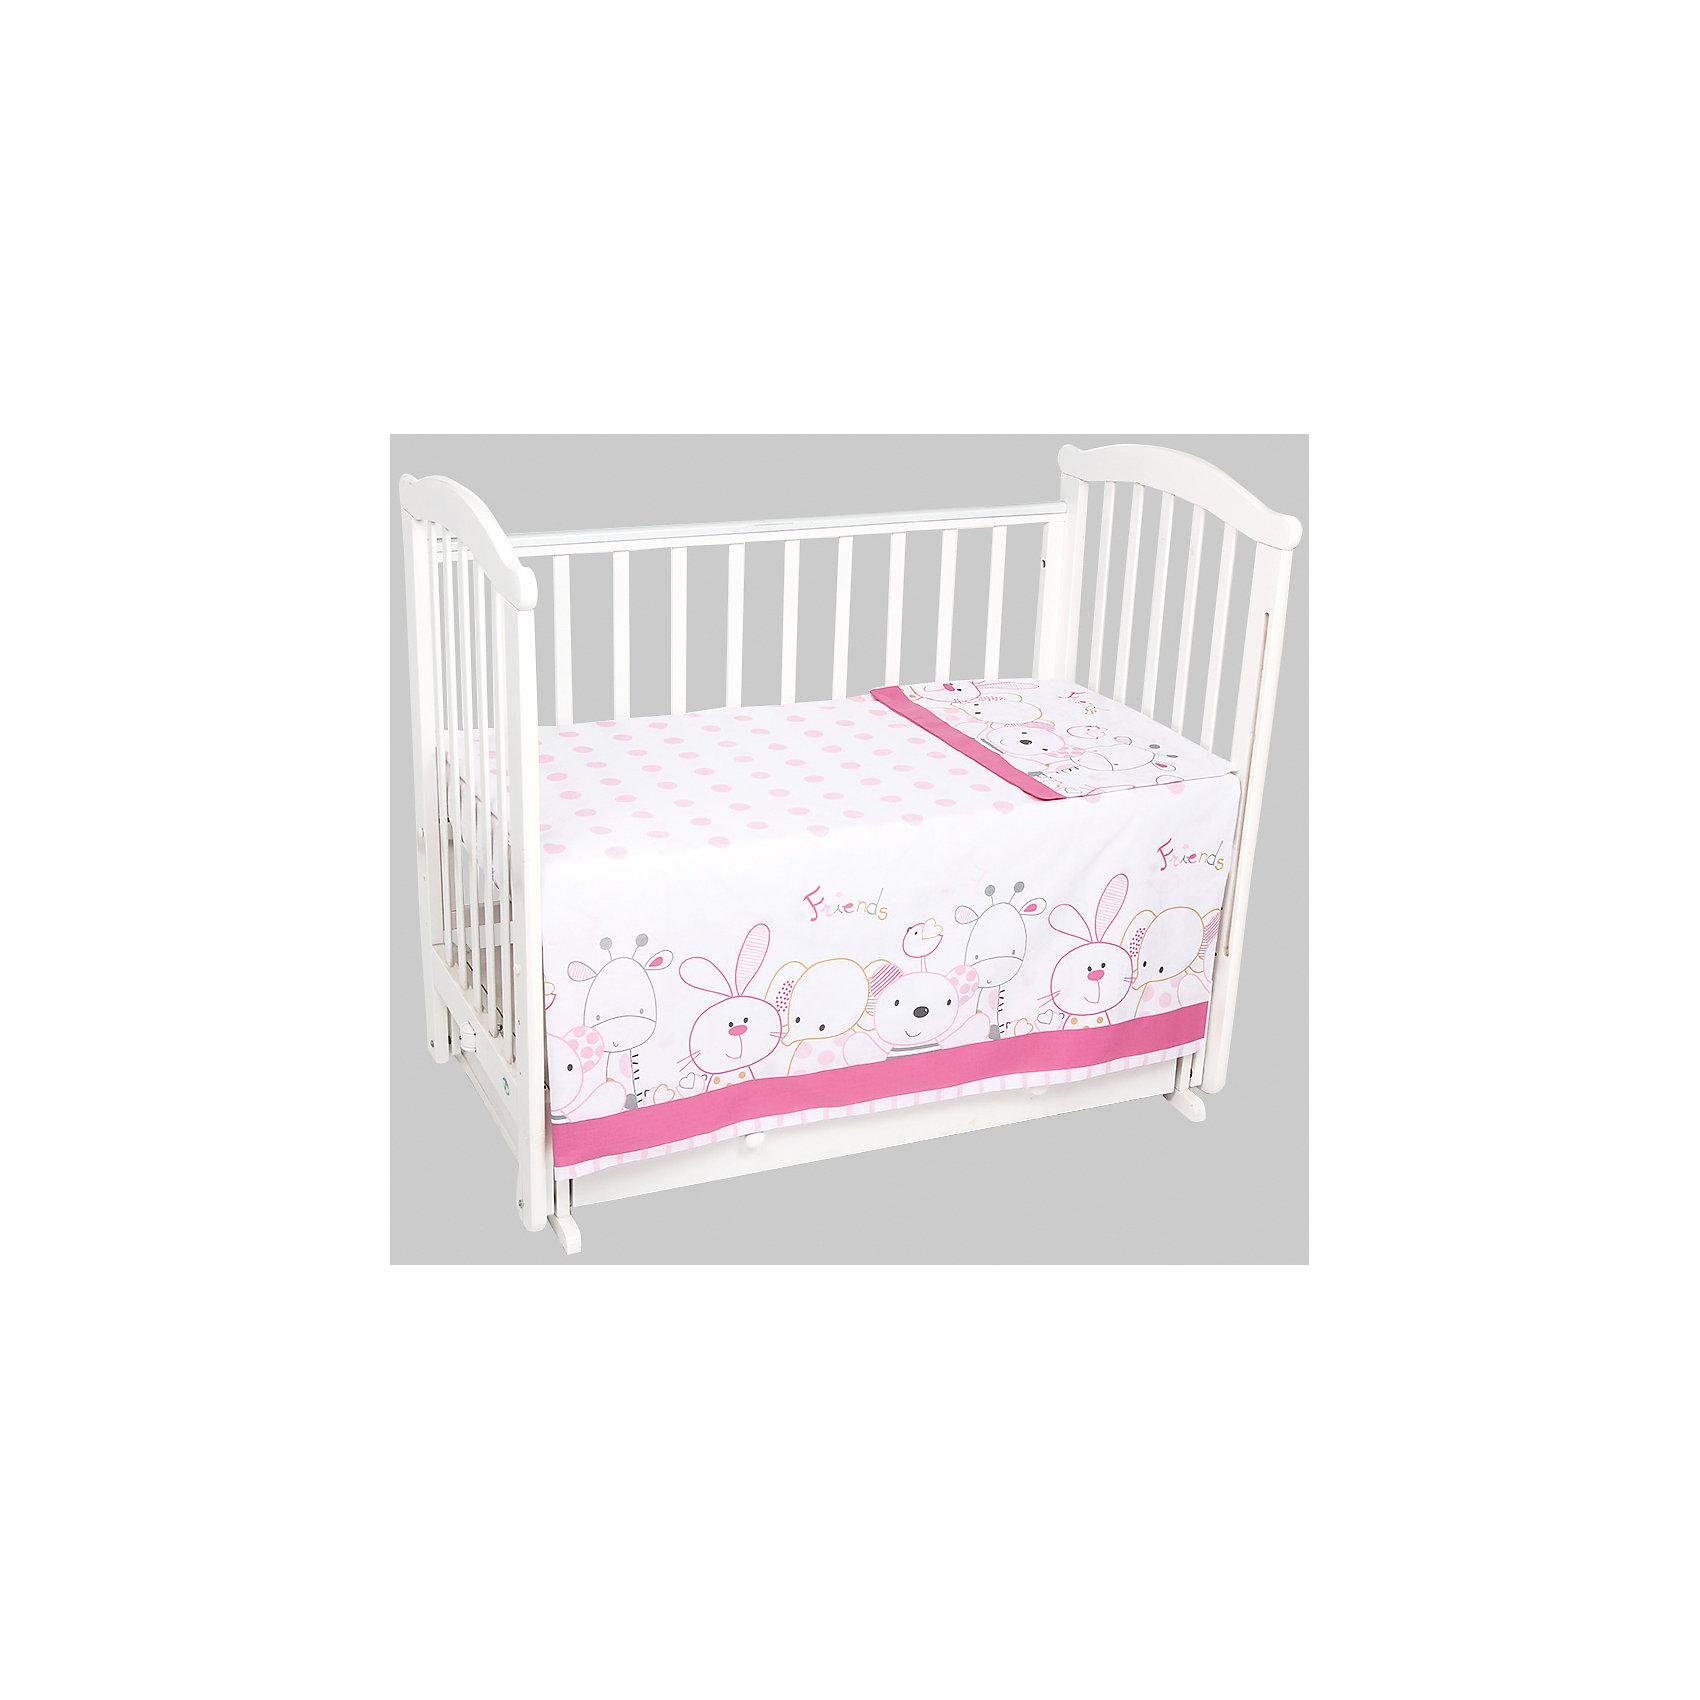 Постельное белье Сафари 3 пред., Leader kids, розовыйУдобное правильно подобранное постельное белье - это залог крепкого сна ребенка и его хорошего самочувствия. Но постельное белье может при этом быть еще и красивым!<br>Этот набор выполнен из высококачественного гипоаллергенного материала - хлопка. Он приятен на ощупь, позволяет коже дышать, безопасен для детей. В этот комплект входит: простынь, наволочка, пододеяльник. Размер - стандартный, удобно заправляется. Изделие имеет приятную расцветку, декорировано симпатичным принтом. Подойдет к интерьеру различной расцветки.<br><br>Дополнительная информация:<br><br>материал: бязь (хлопок 100%);<br>наволочка: 40x60 см;<br>пододеяльник: 110x140 см;<br>простыня: 90x150 см;<br>принт;<br>цвет: розовый.<br><br>Постельное белье Сафари 3 пред. от компании Leader kids можно купить в нашем магазине.<br><br>Ширина мм: 370<br>Глубина мм: 200<br>Высота мм: 2700<br>Вес г: 1500<br>Возраст от месяцев: 0<br>Возраст до месяцев: 36<br>Пол: Женский<br>Возраст: Детский<br>SKU: 4778540